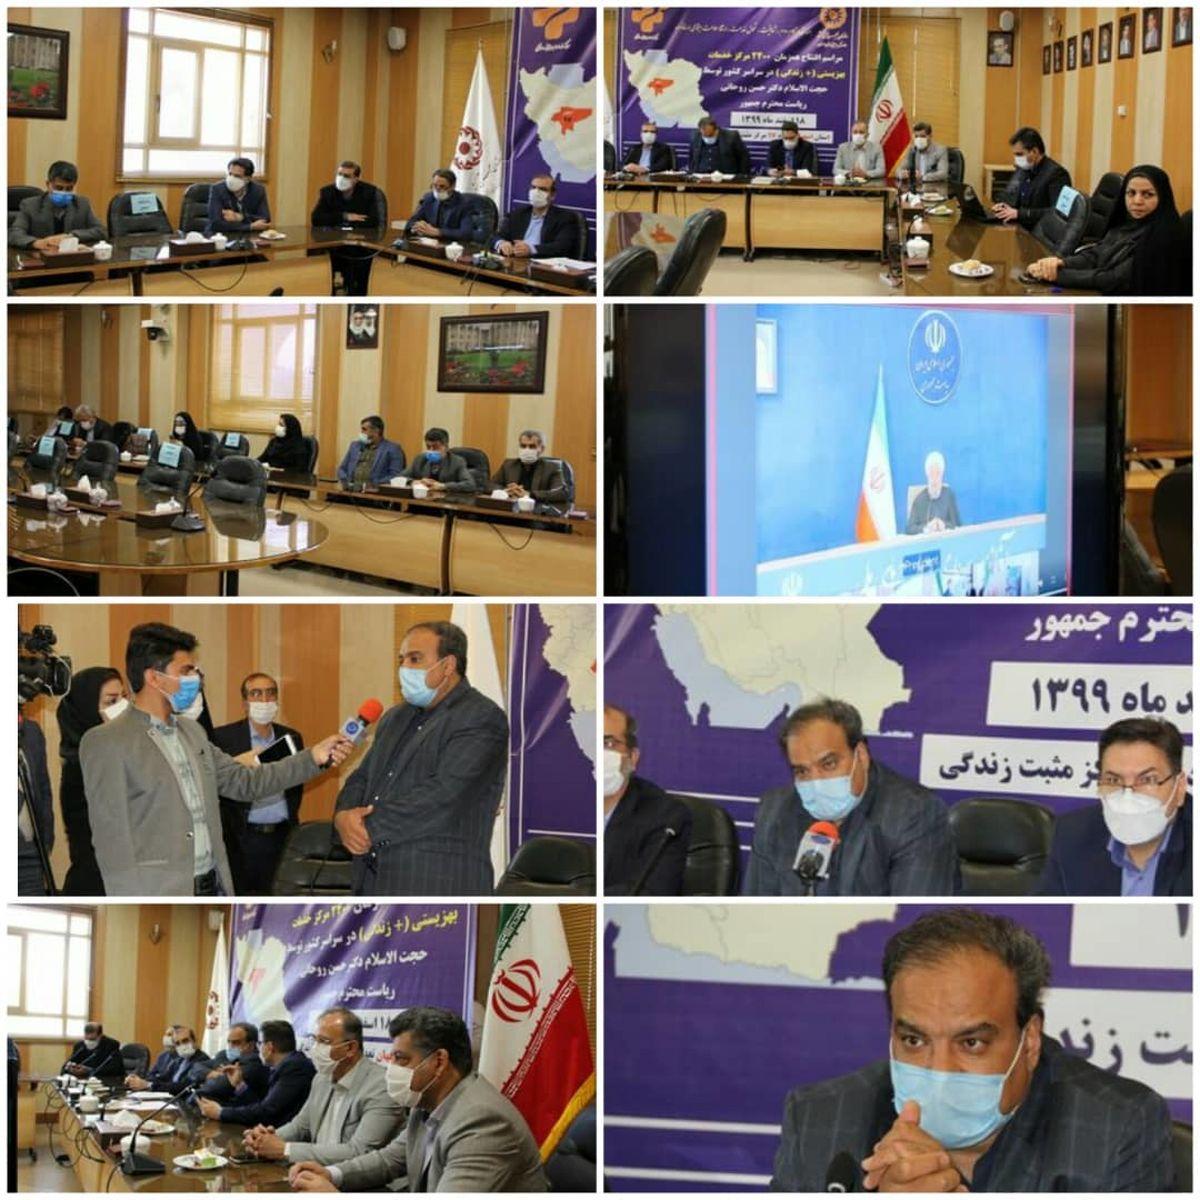 افتتاح 97 مرکز مثبت زندگی در استان اصفهان